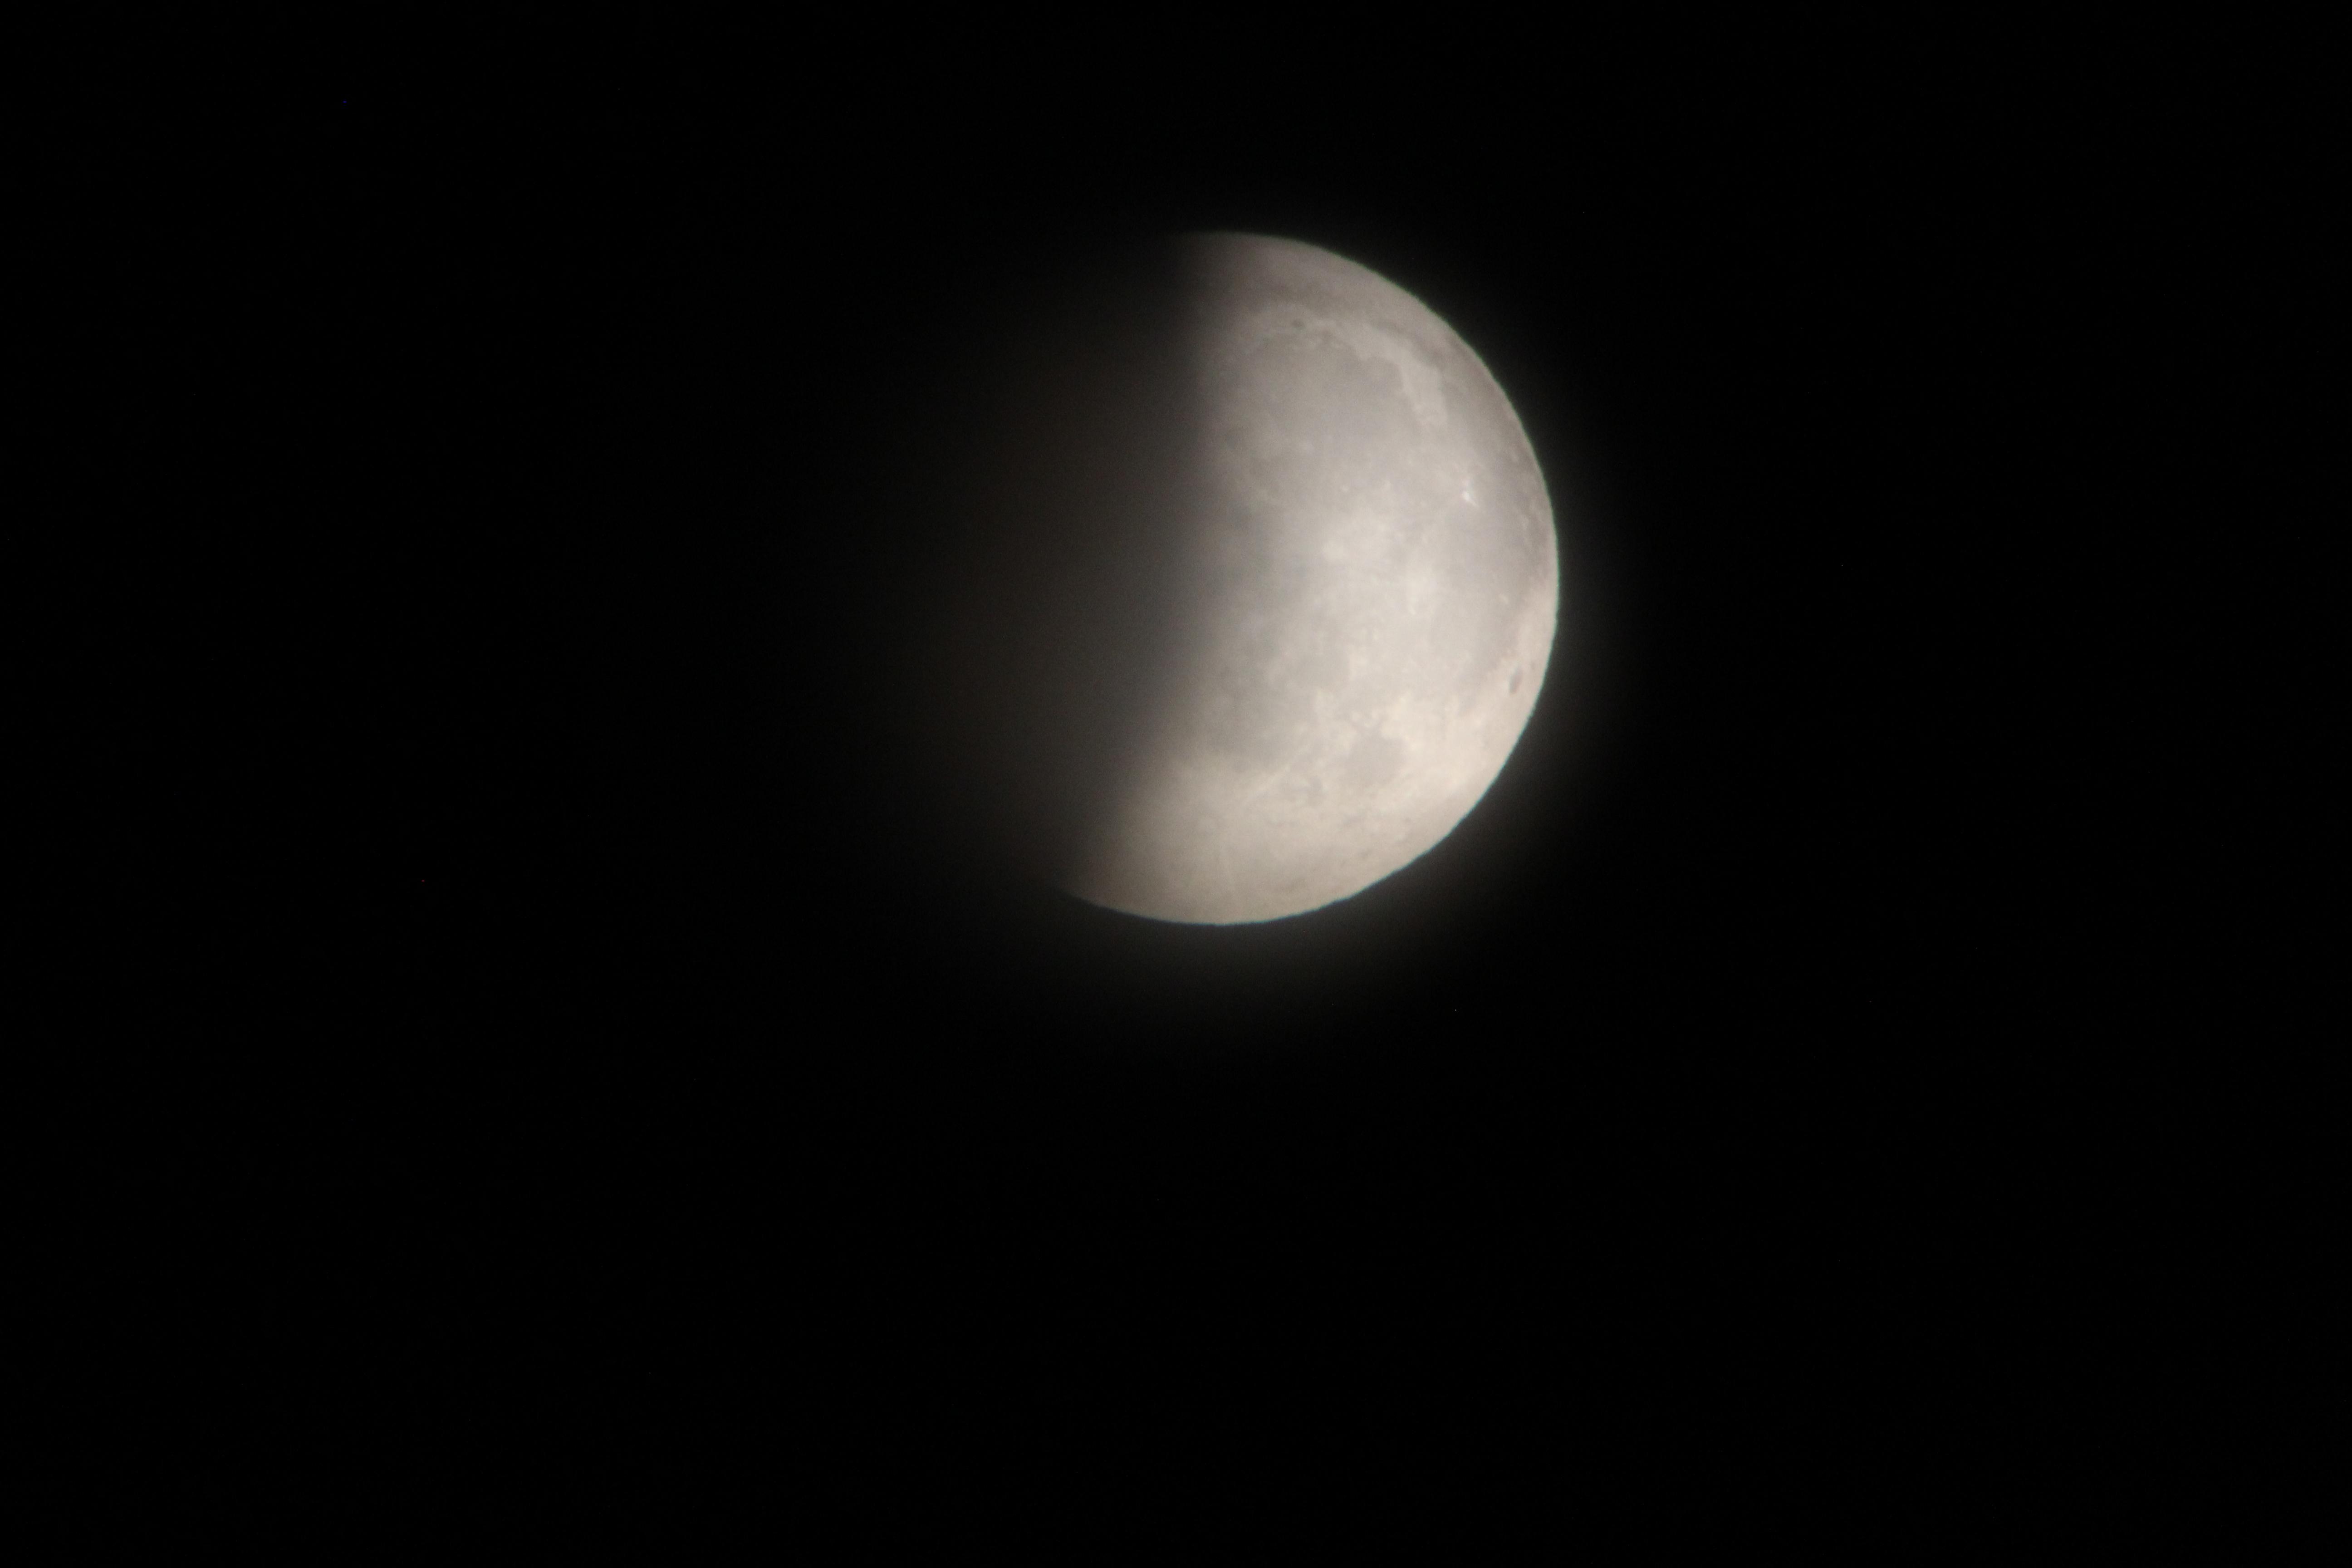 La Lluna eclipsada parcialment captada a pols d'un telescopi refractor de 60mm de diàmetre i 700mm de focal. 1/15 Segonts d'exposició, ISO 1600, F/5.6.